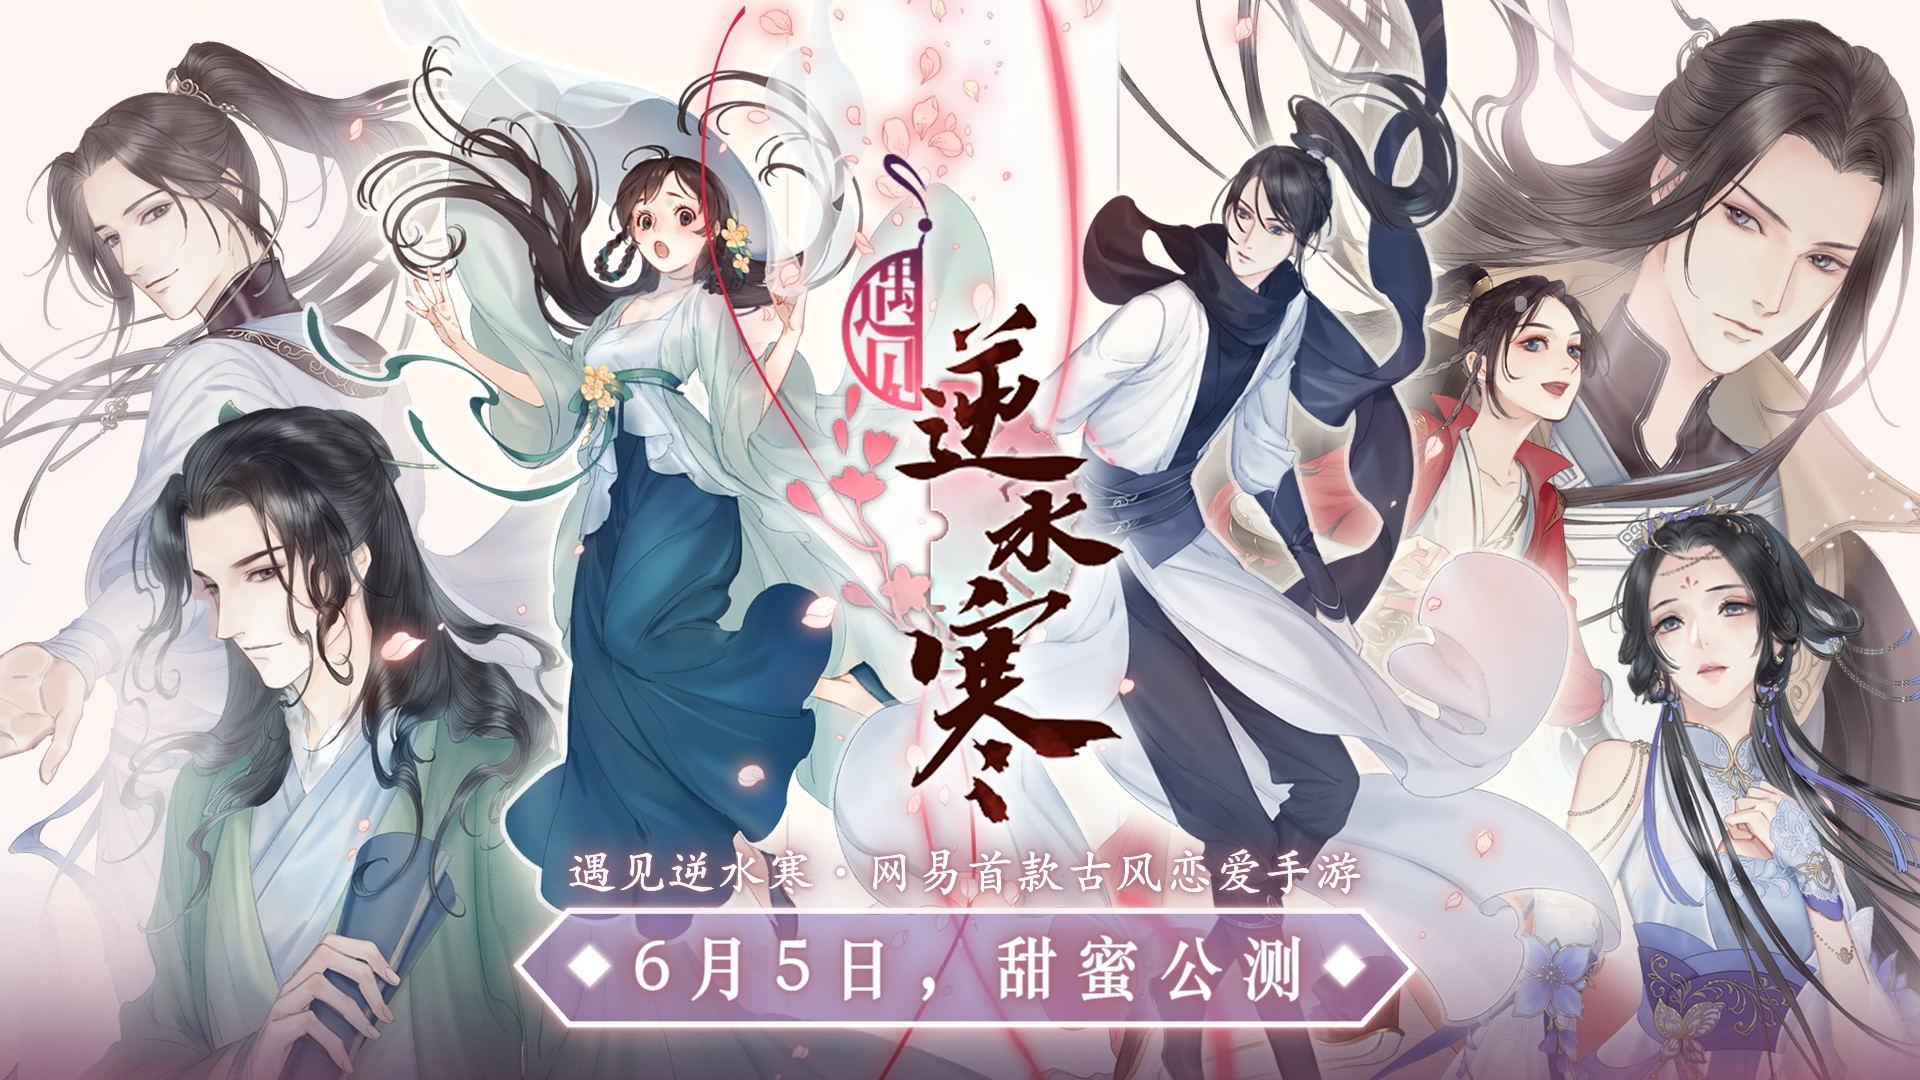 《遇见逆水寒》6月5号公测,神仙玩家自发画同人庆祝